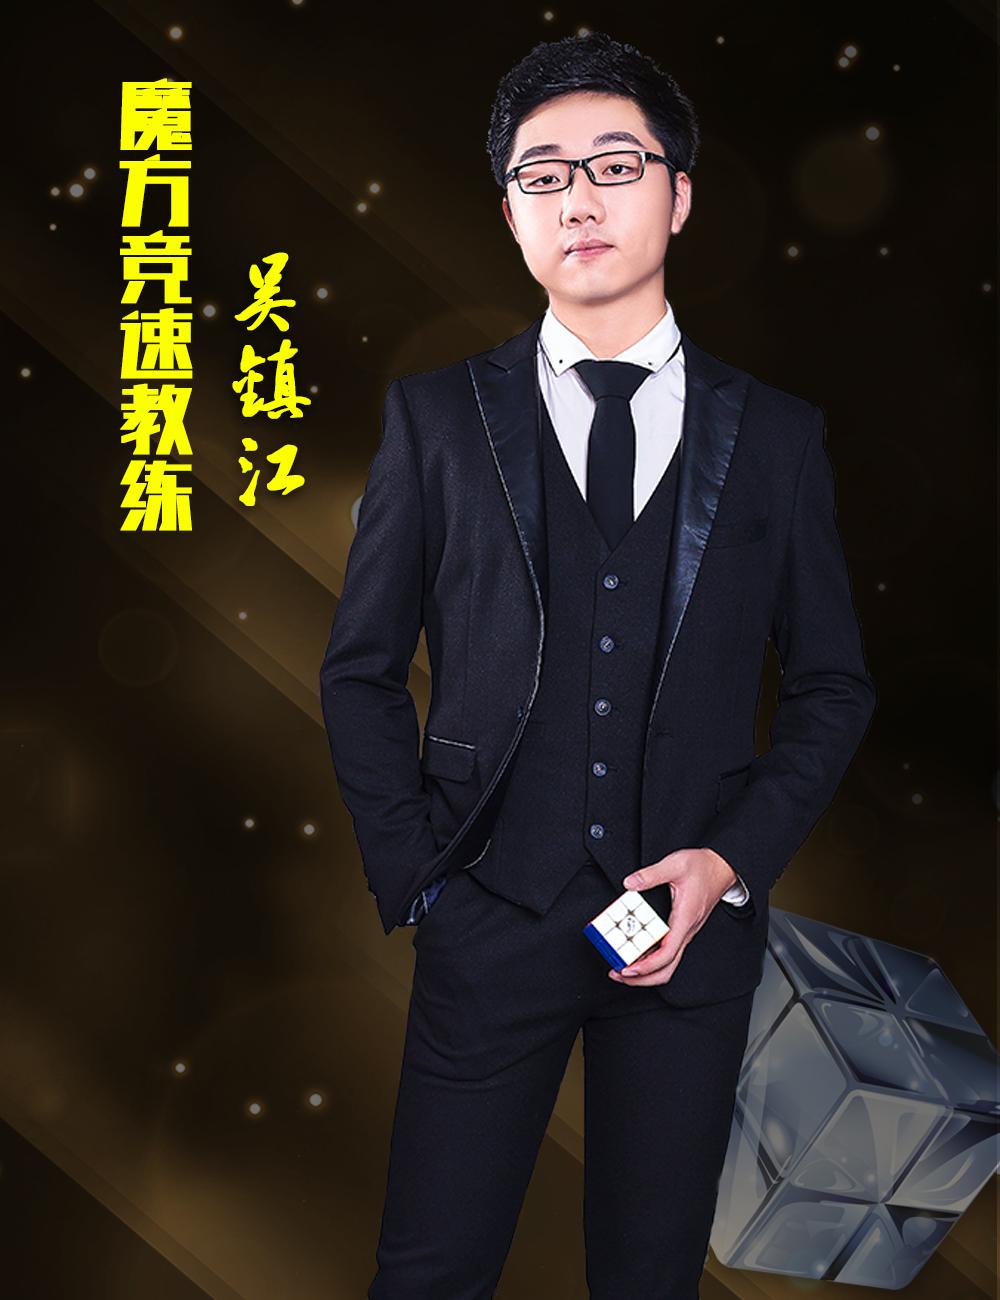 吴镇江老师